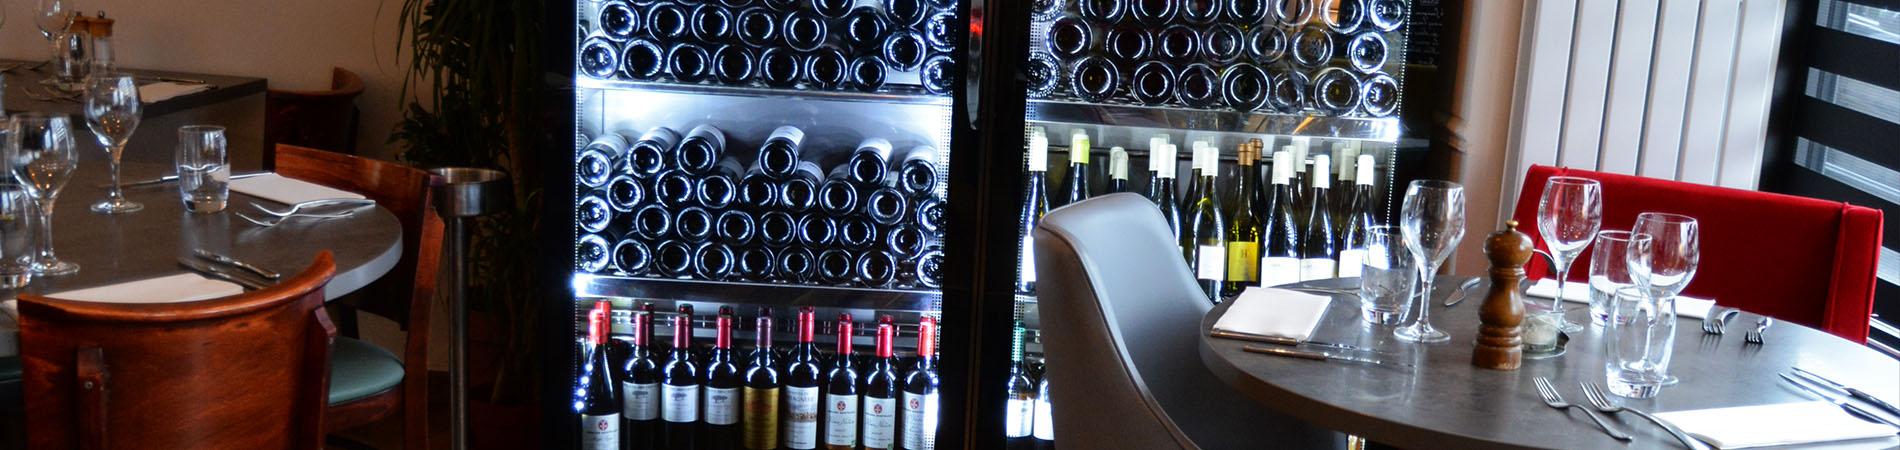 la-grange-restaurant-bar-a-vin-boulogne_slider_acceuil4